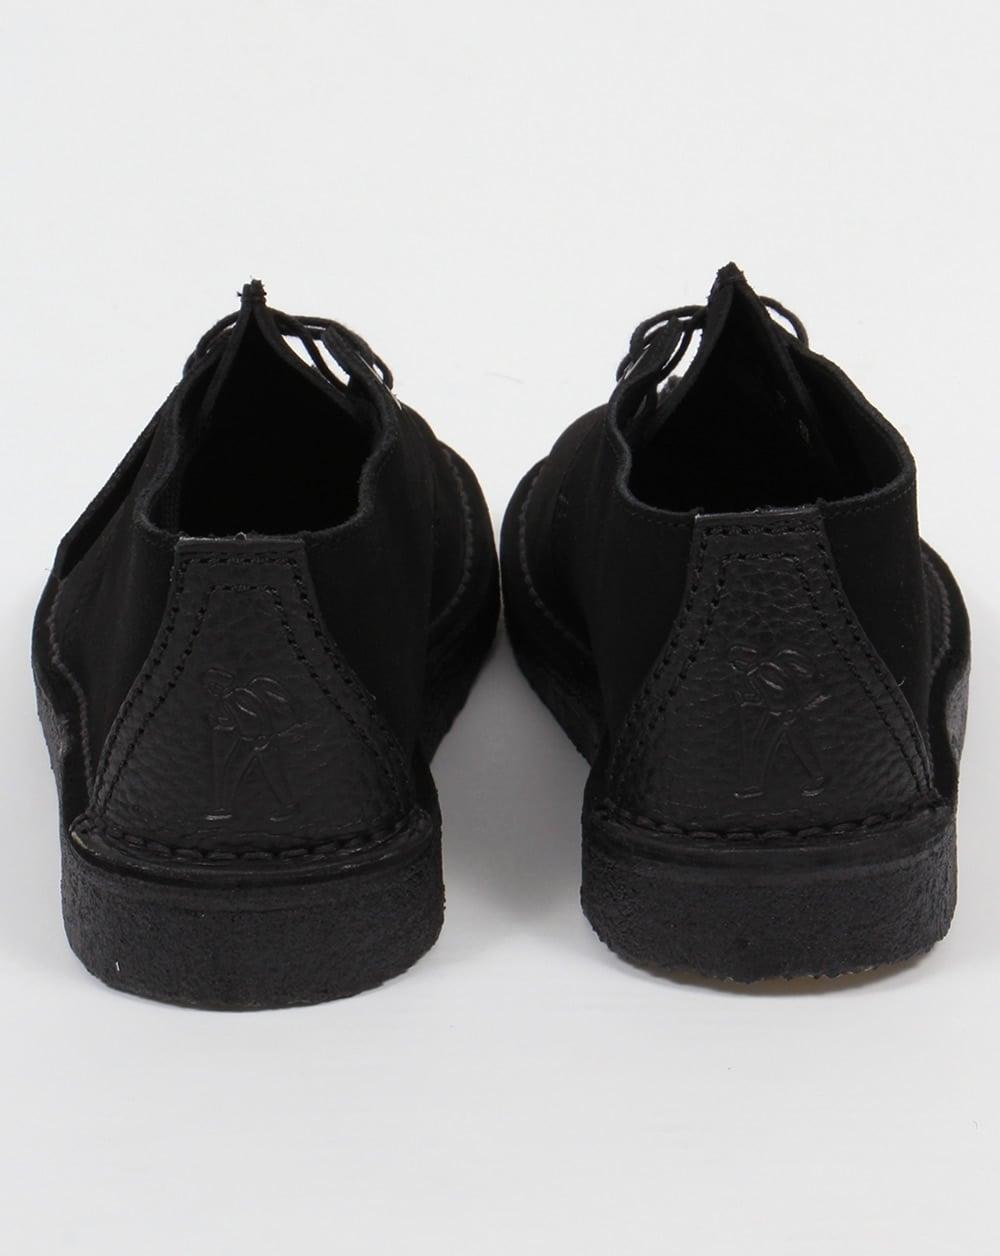 bc869385da Clarks Originals Desert Trek Shoes In Suede Black